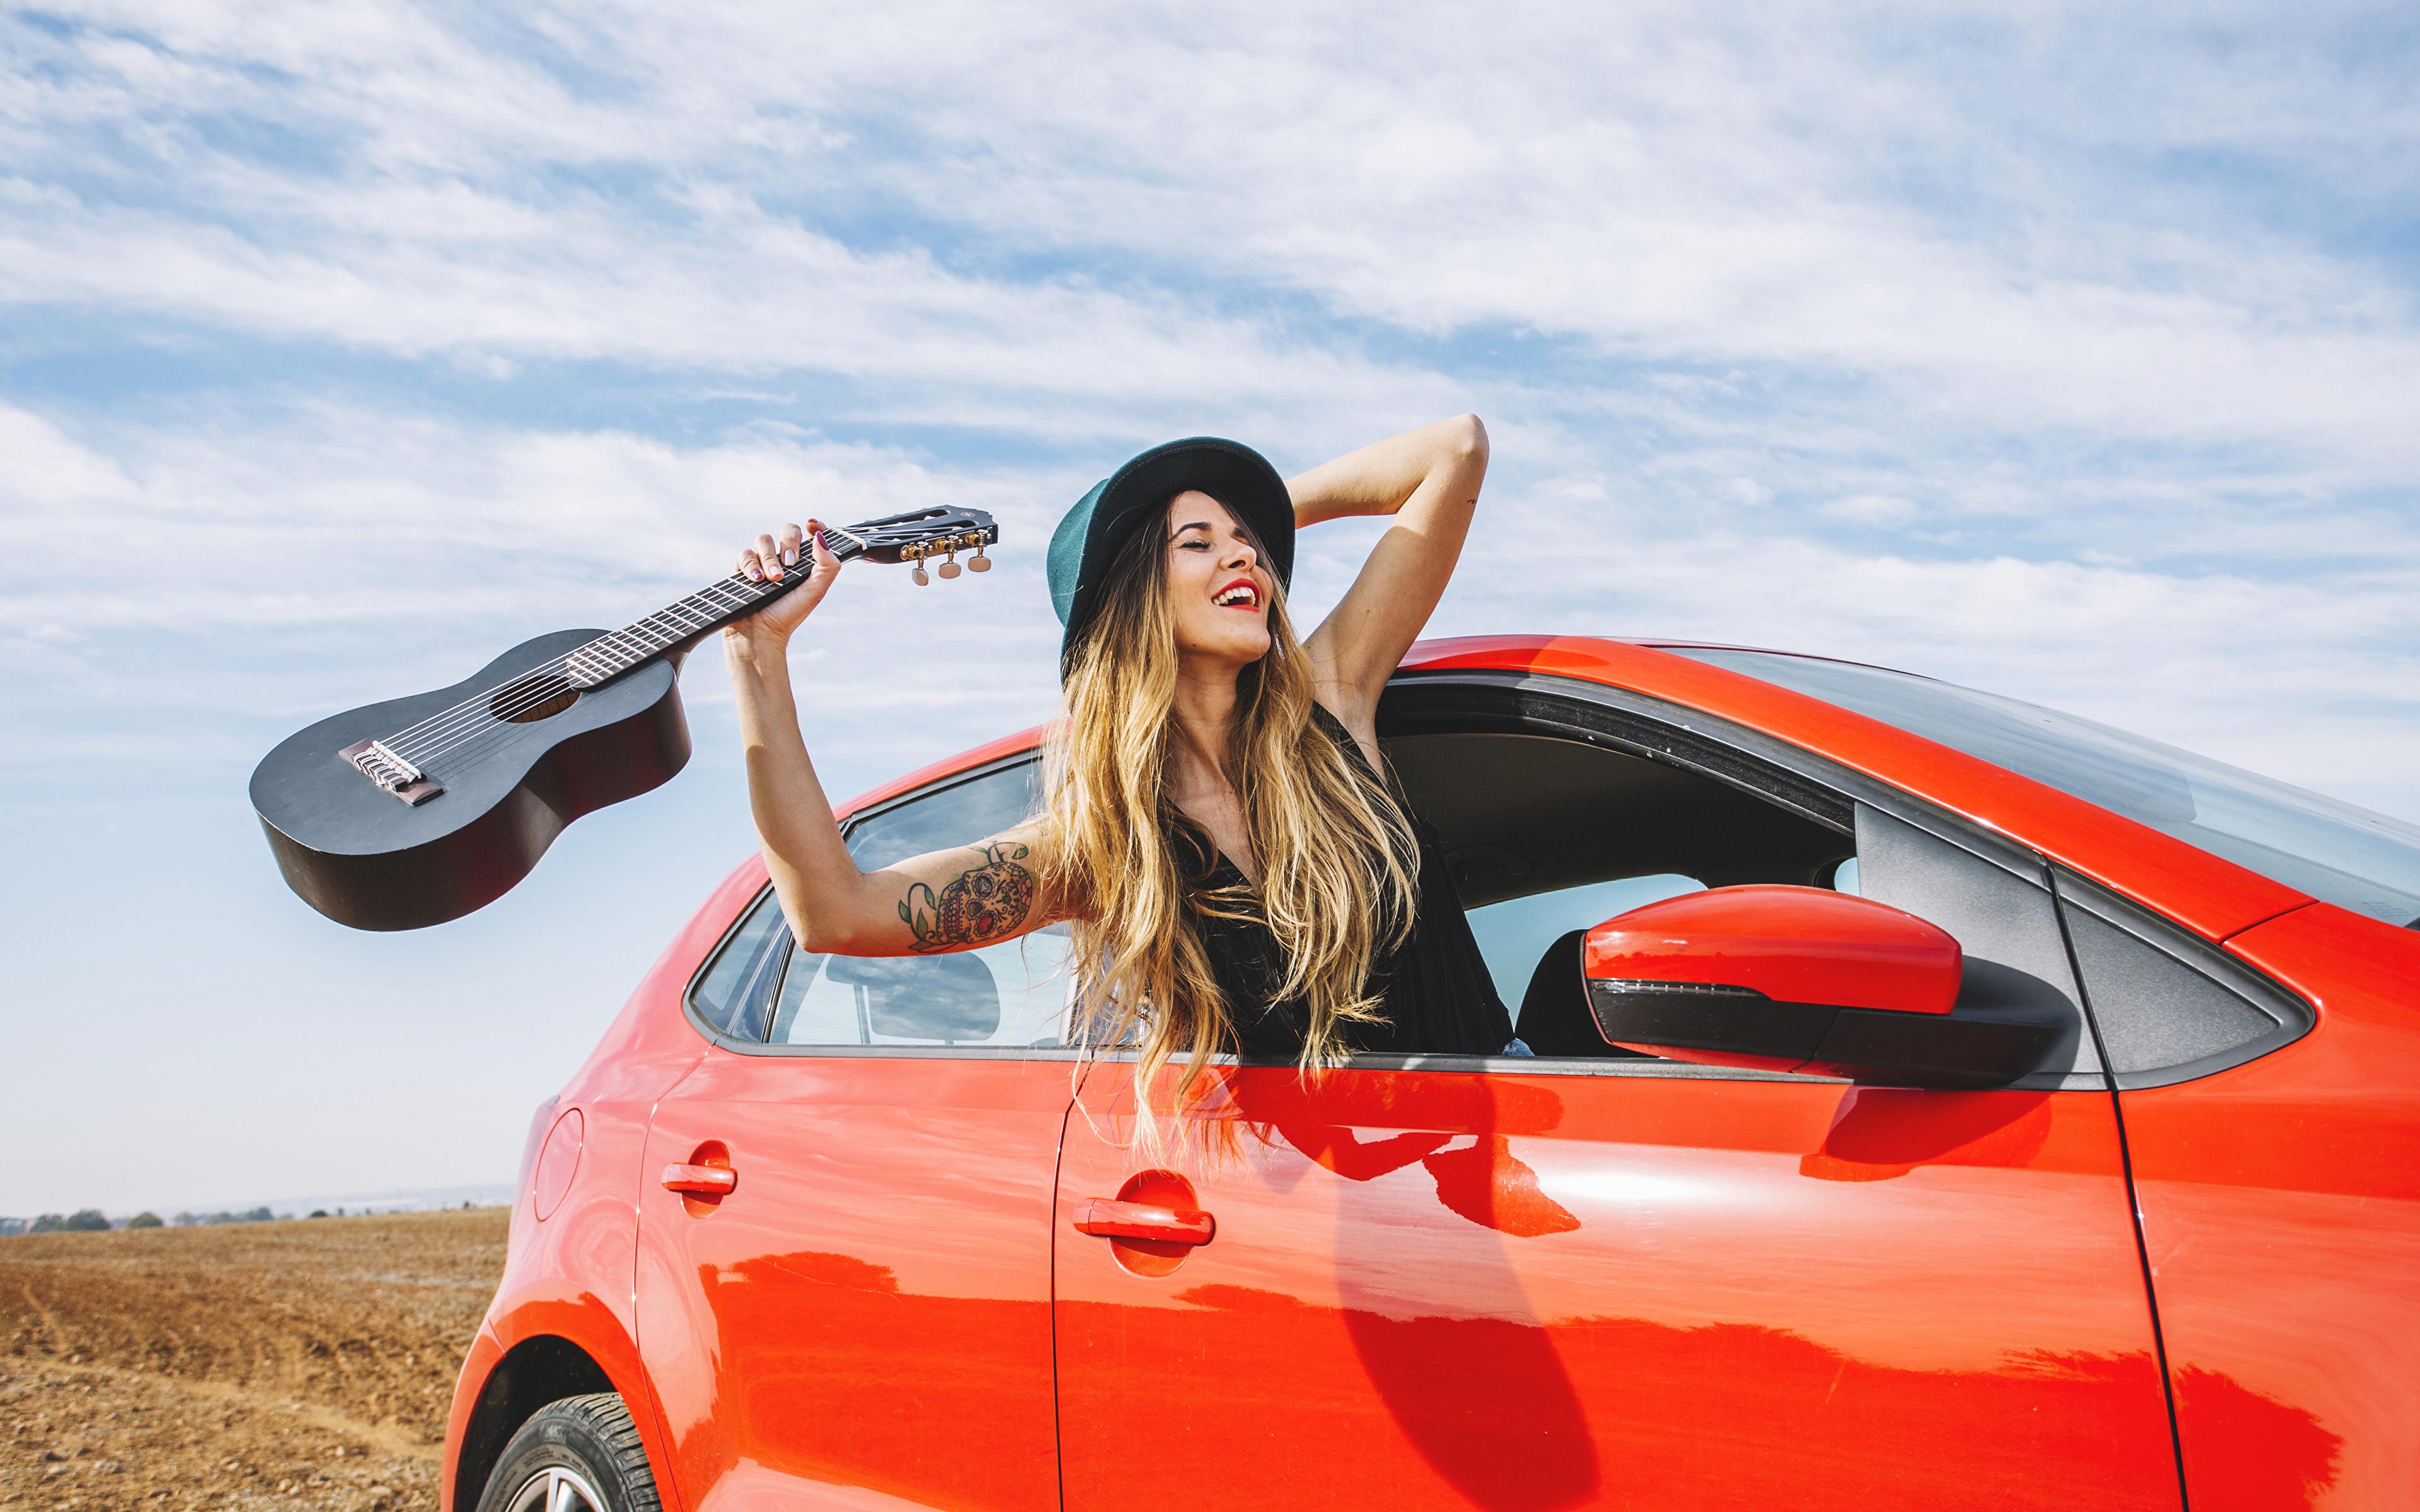 Фотографии Блондинка Гитара радостный шляпе Девушки рука 3840x2400 блондинок блондинки гитары с гитарой счастье Радость радостная счастливая счастливый счастливые Шляпа шляпы девушка молодые женщины молодая женщина Руки